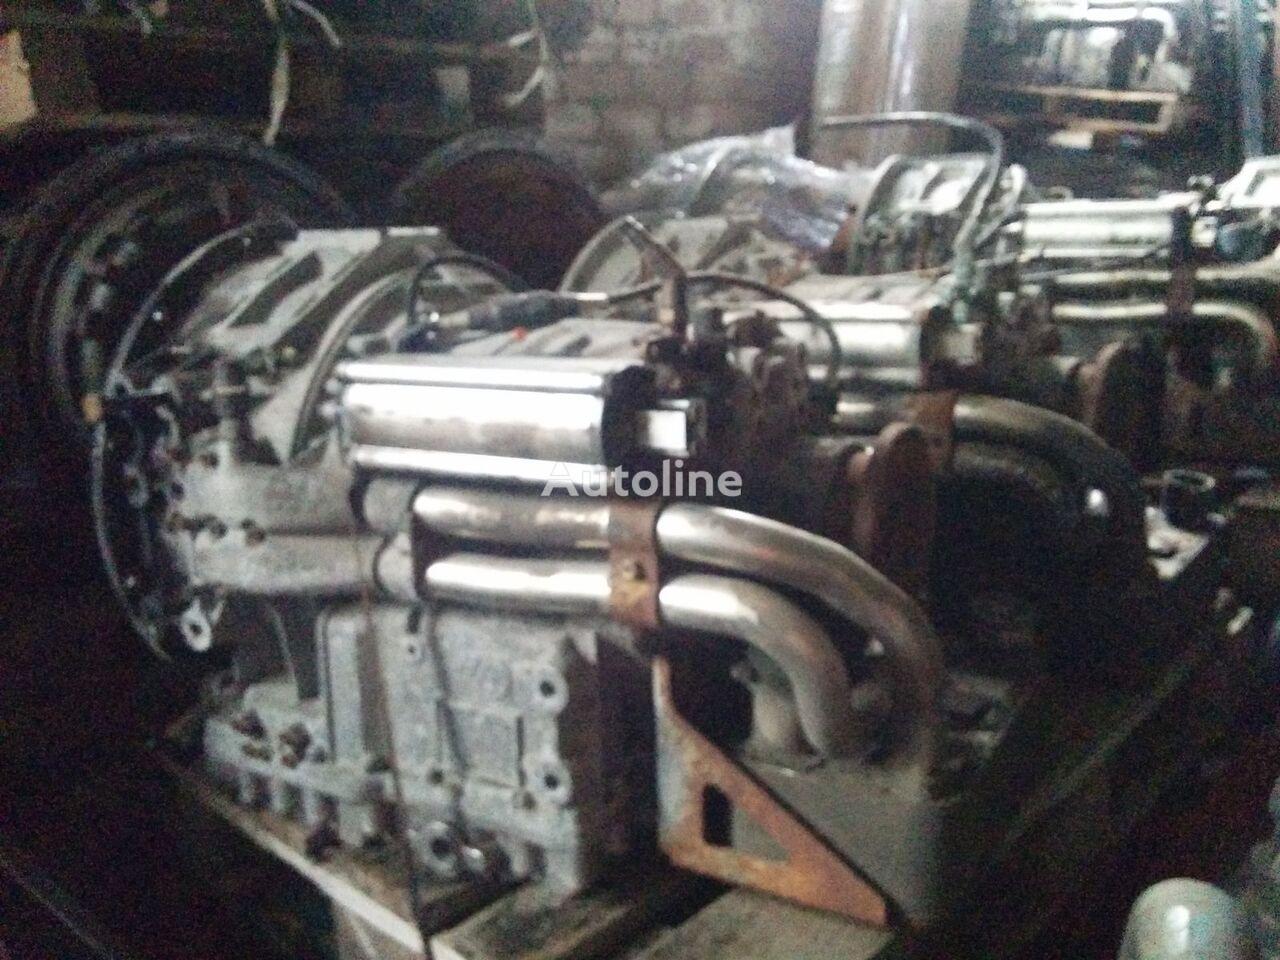 λεωφορείο VOLVO Man/ Volvo. Scnia. Mersedes για κιβώτιο ταχυτήτων ZF 6HP602C/ 6HP592C. 6HP604C. 6HP504C 6HP594C.